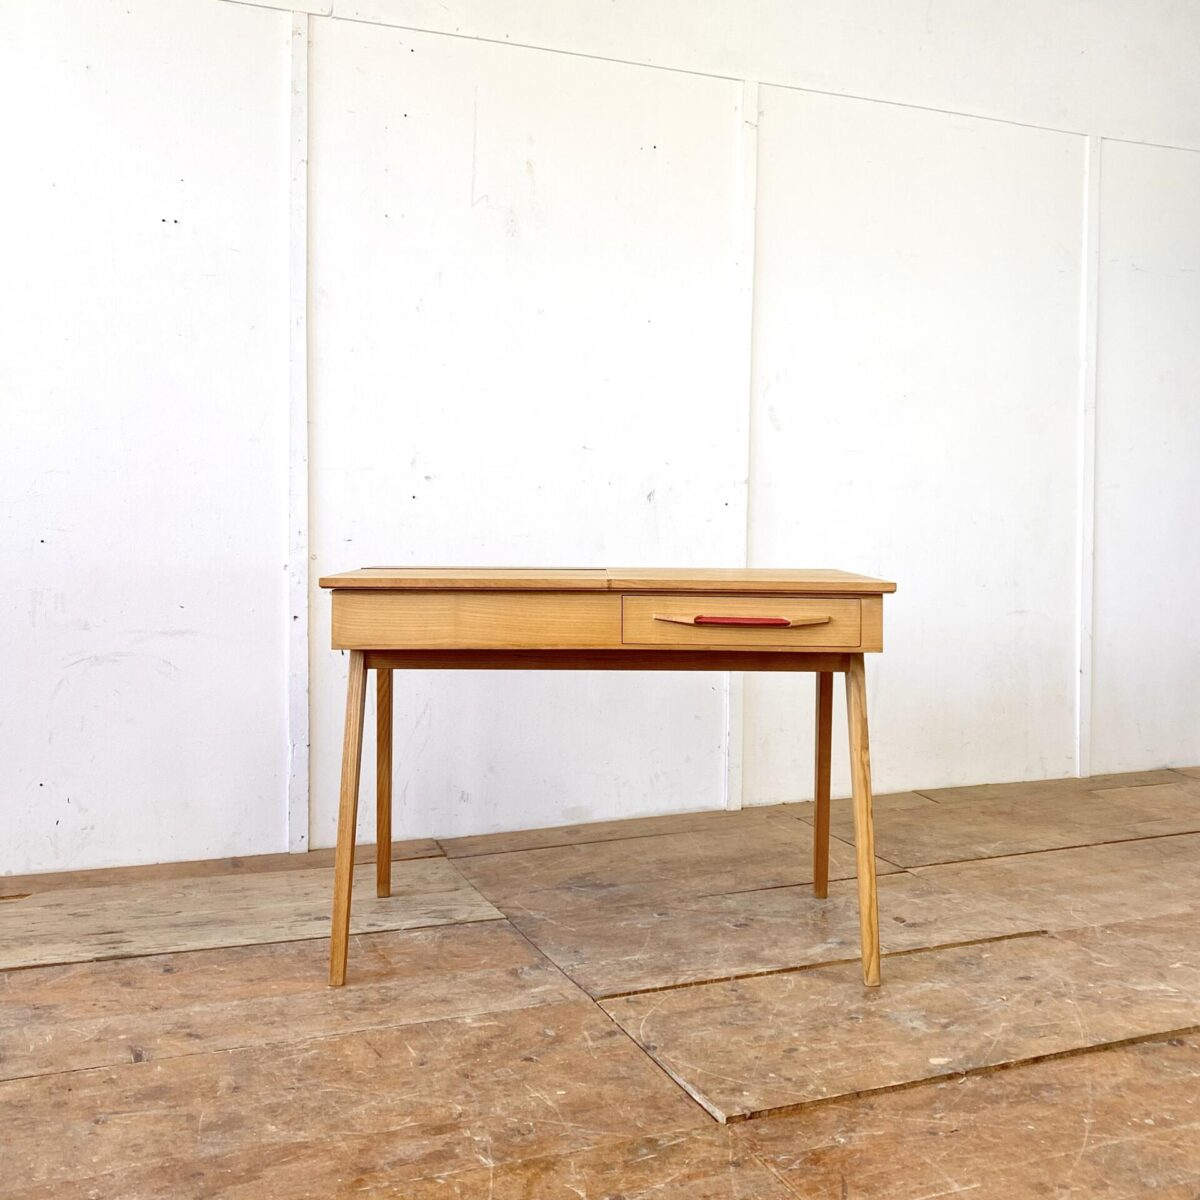 Deuxieme.shop midcentury desk. Schweizer 50er Jahre Schreibtisch aus Esche von Corta Multiform. 105x60cm Höhe 74cm. Der Tisch hat eine Schublade mit Kunstleder griff, und eine Klappe mit Schminkspiegel.